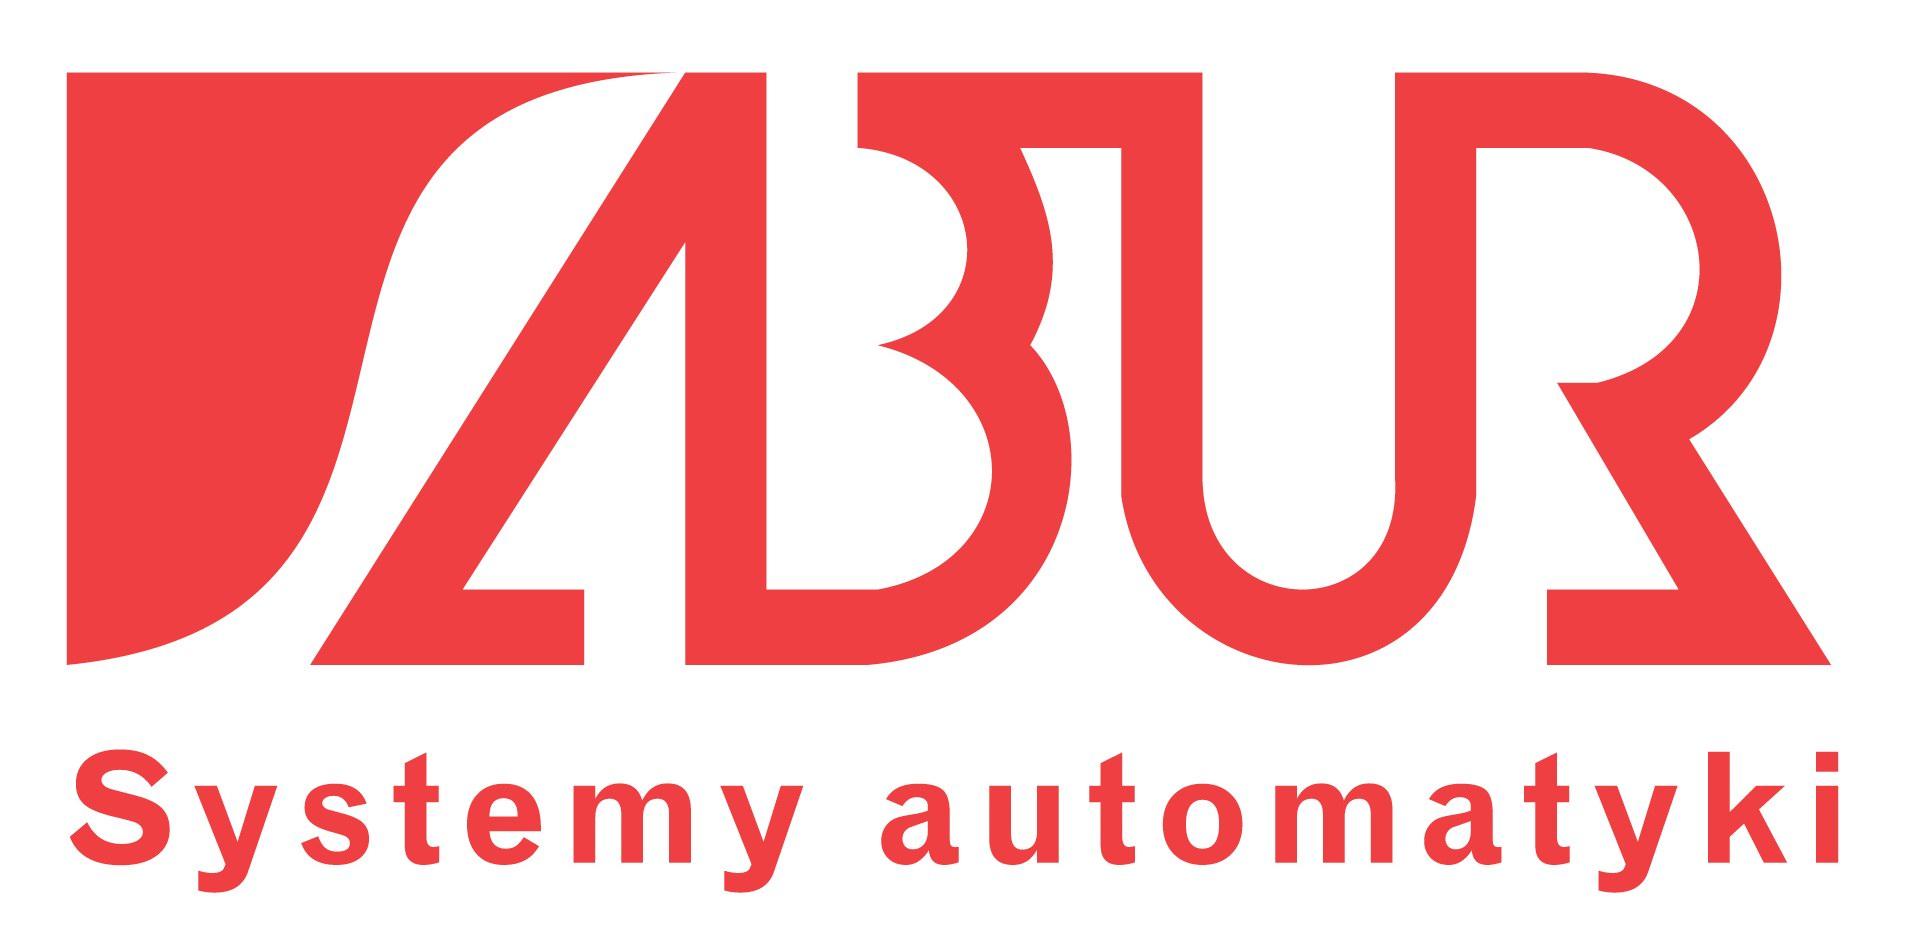 sabur-systemy-automatyki-logo-3